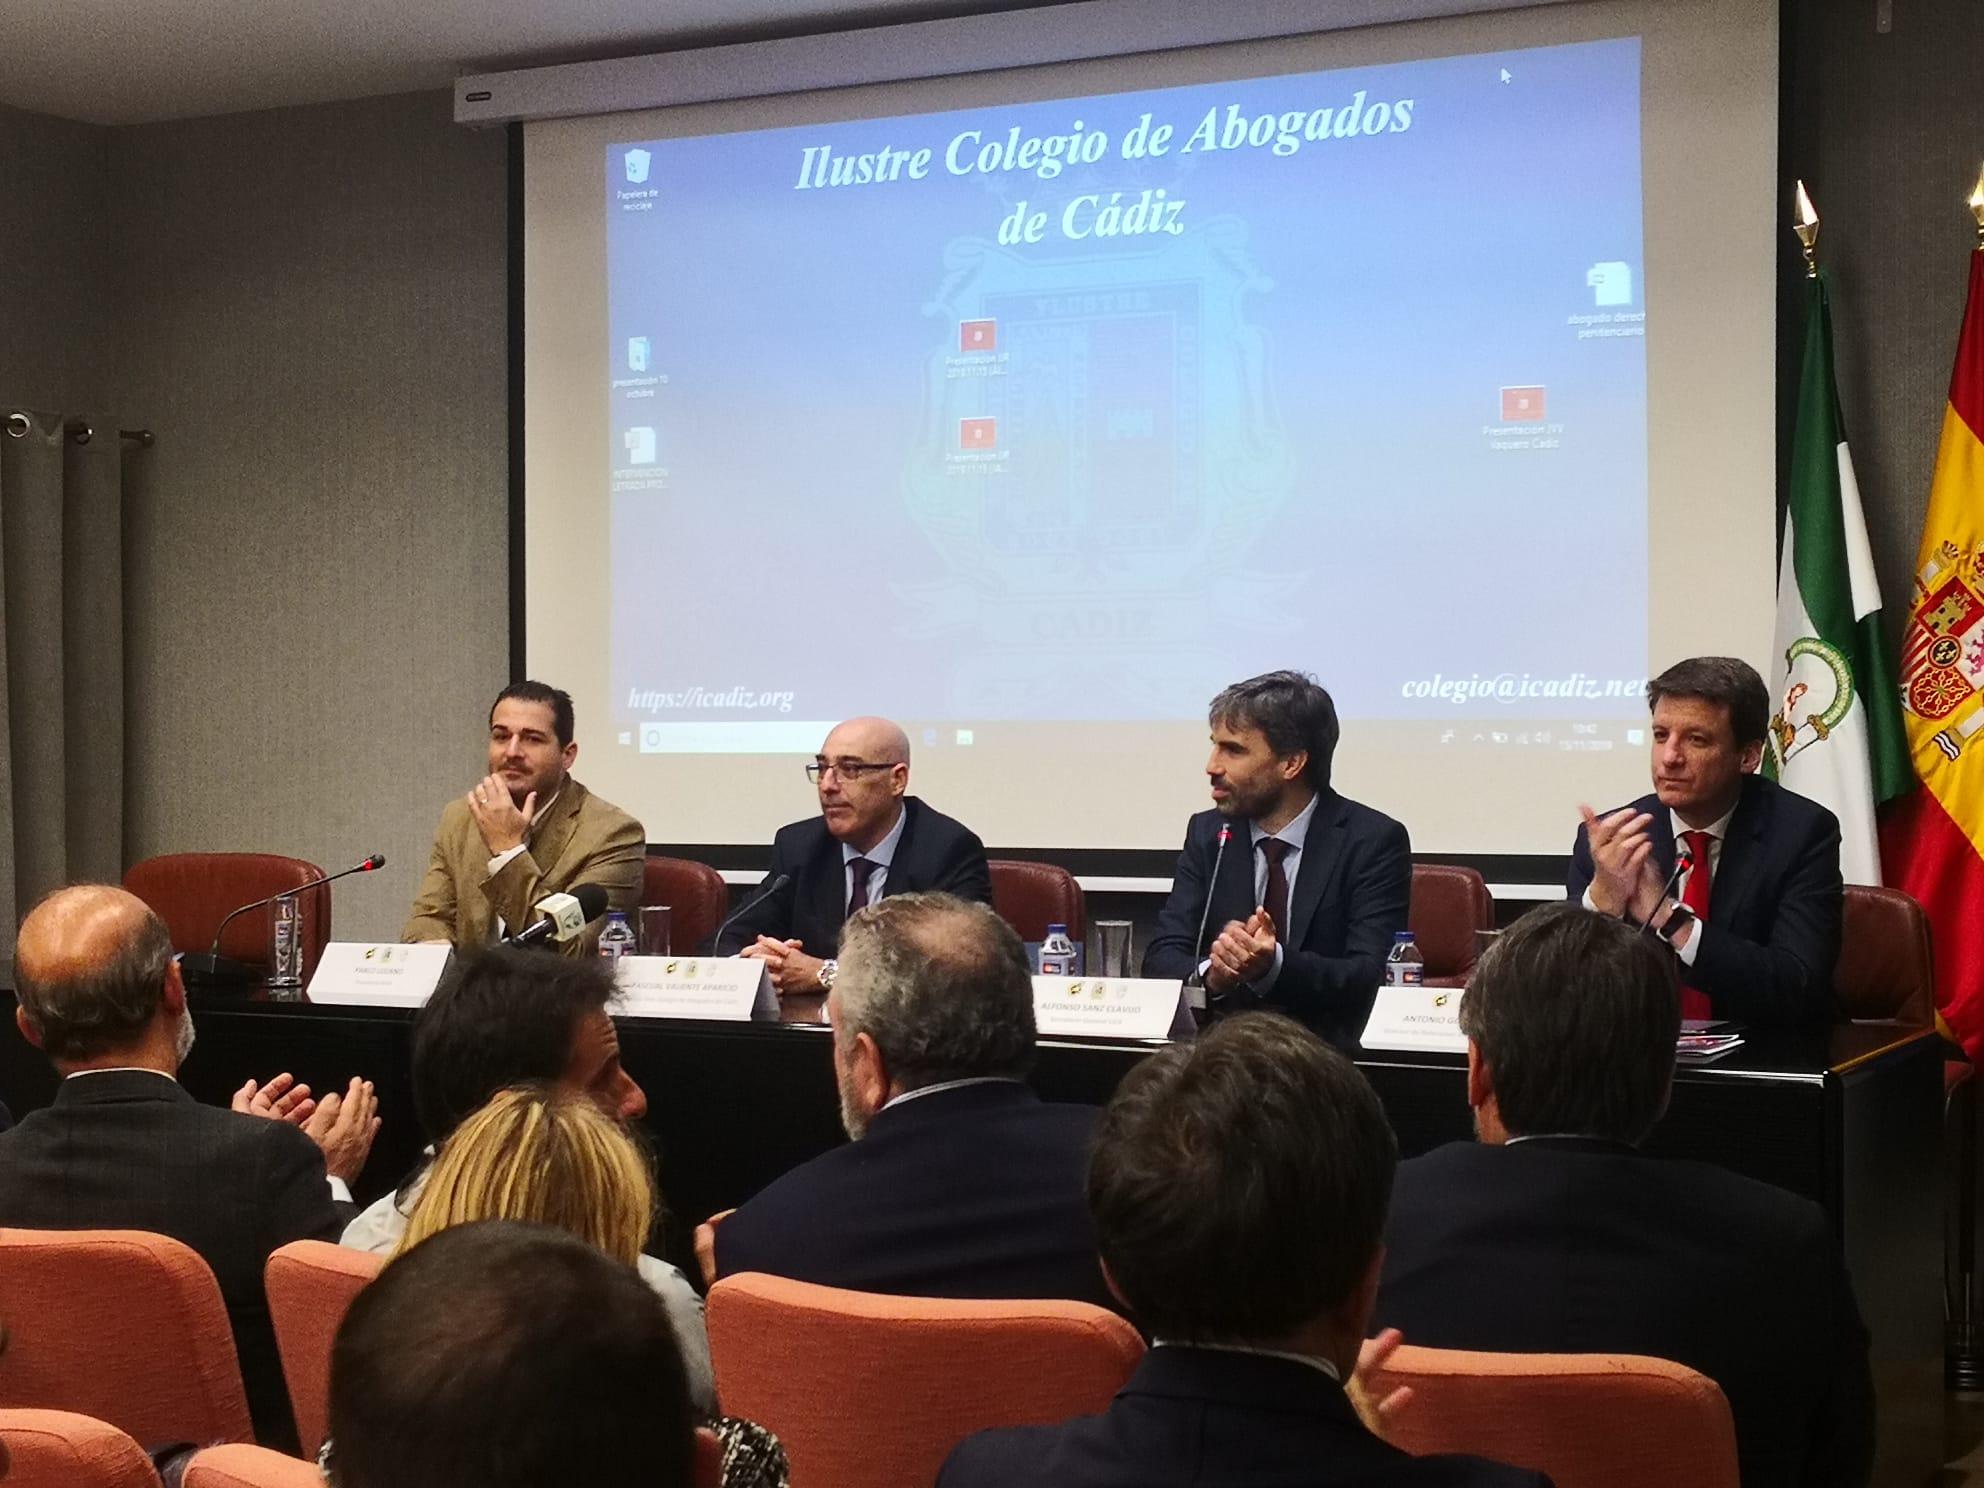 La Máxima Actualidad Jurídica Del Deporte Español, A Debate En El Colegio De Abogados De Cádiz